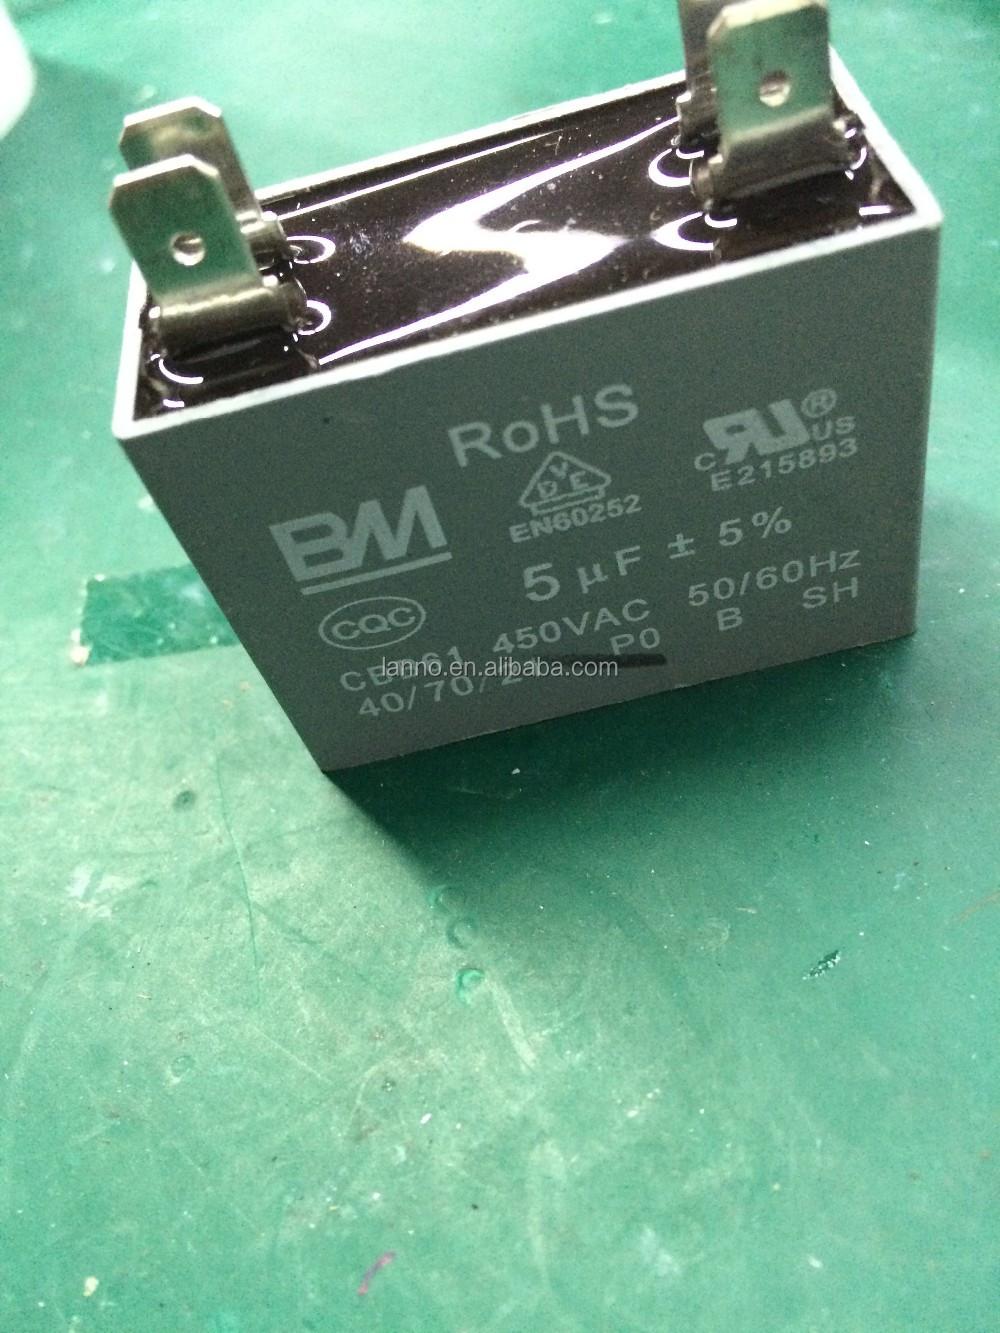 Cbb61 Motor Kapasitor Untuk Starting Dan Menjalankan Capasitor Kotak 25uf Kabel Penggunaan Fan